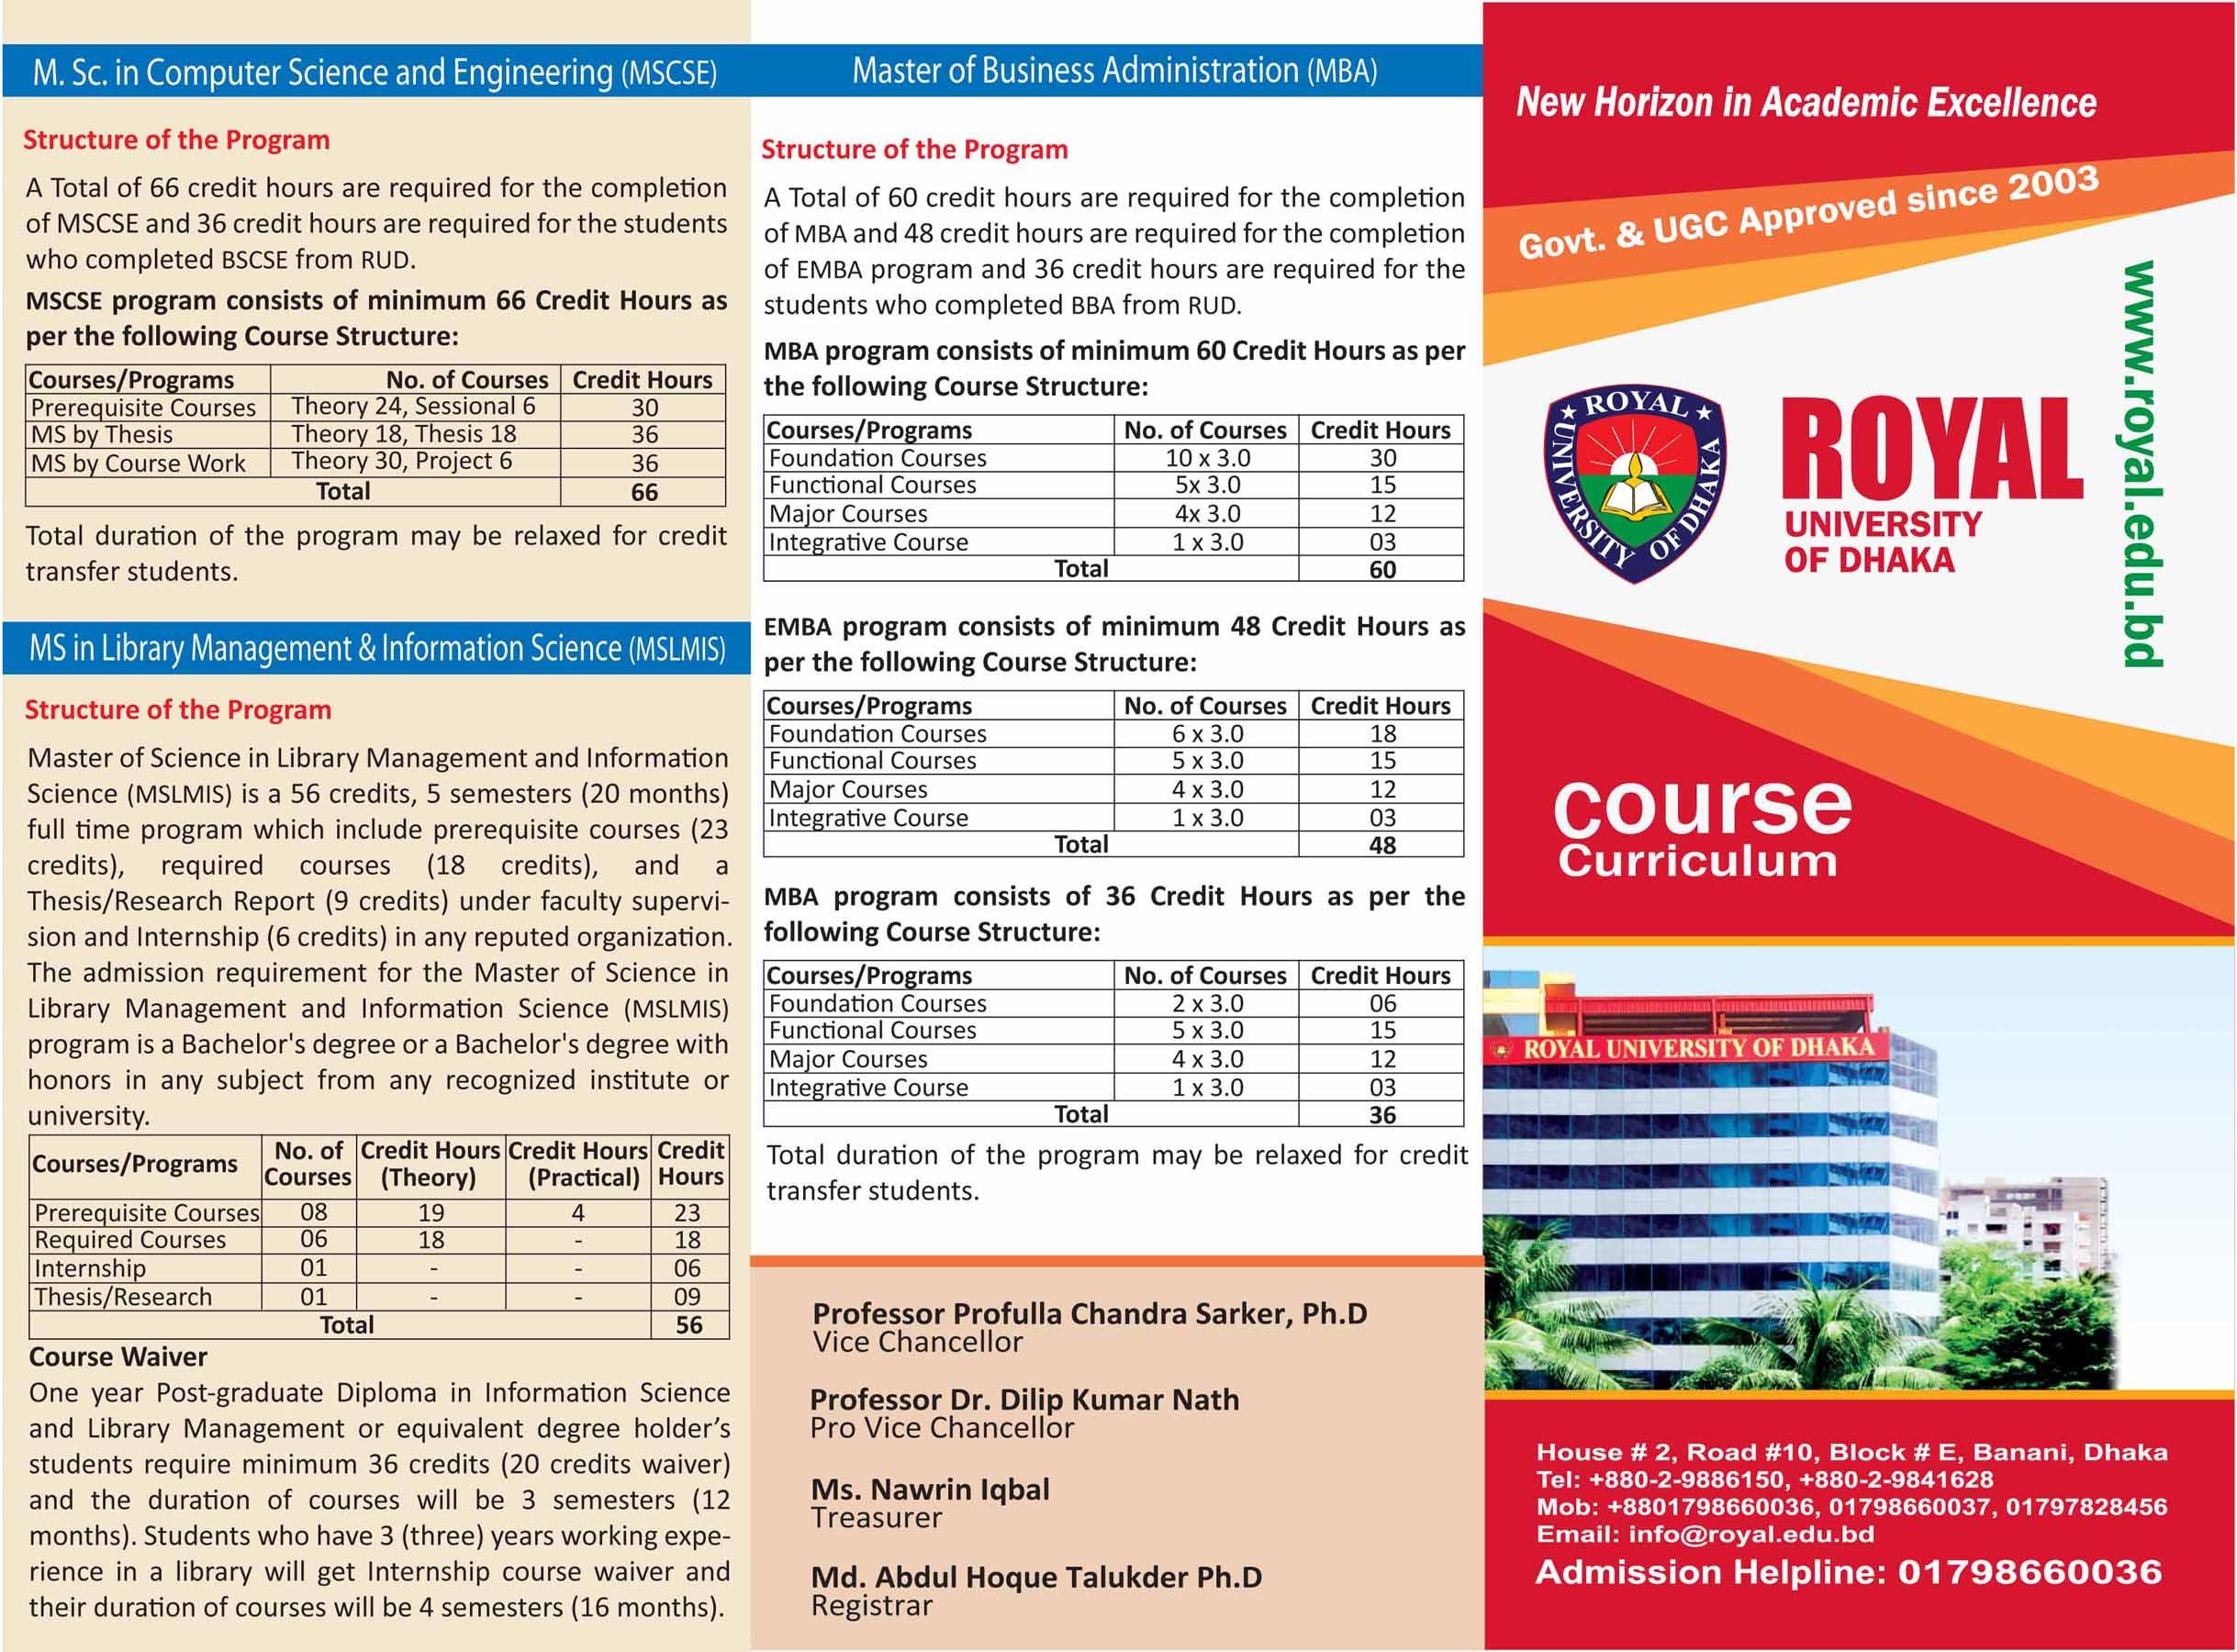 Admission | Royal University of Dhaka